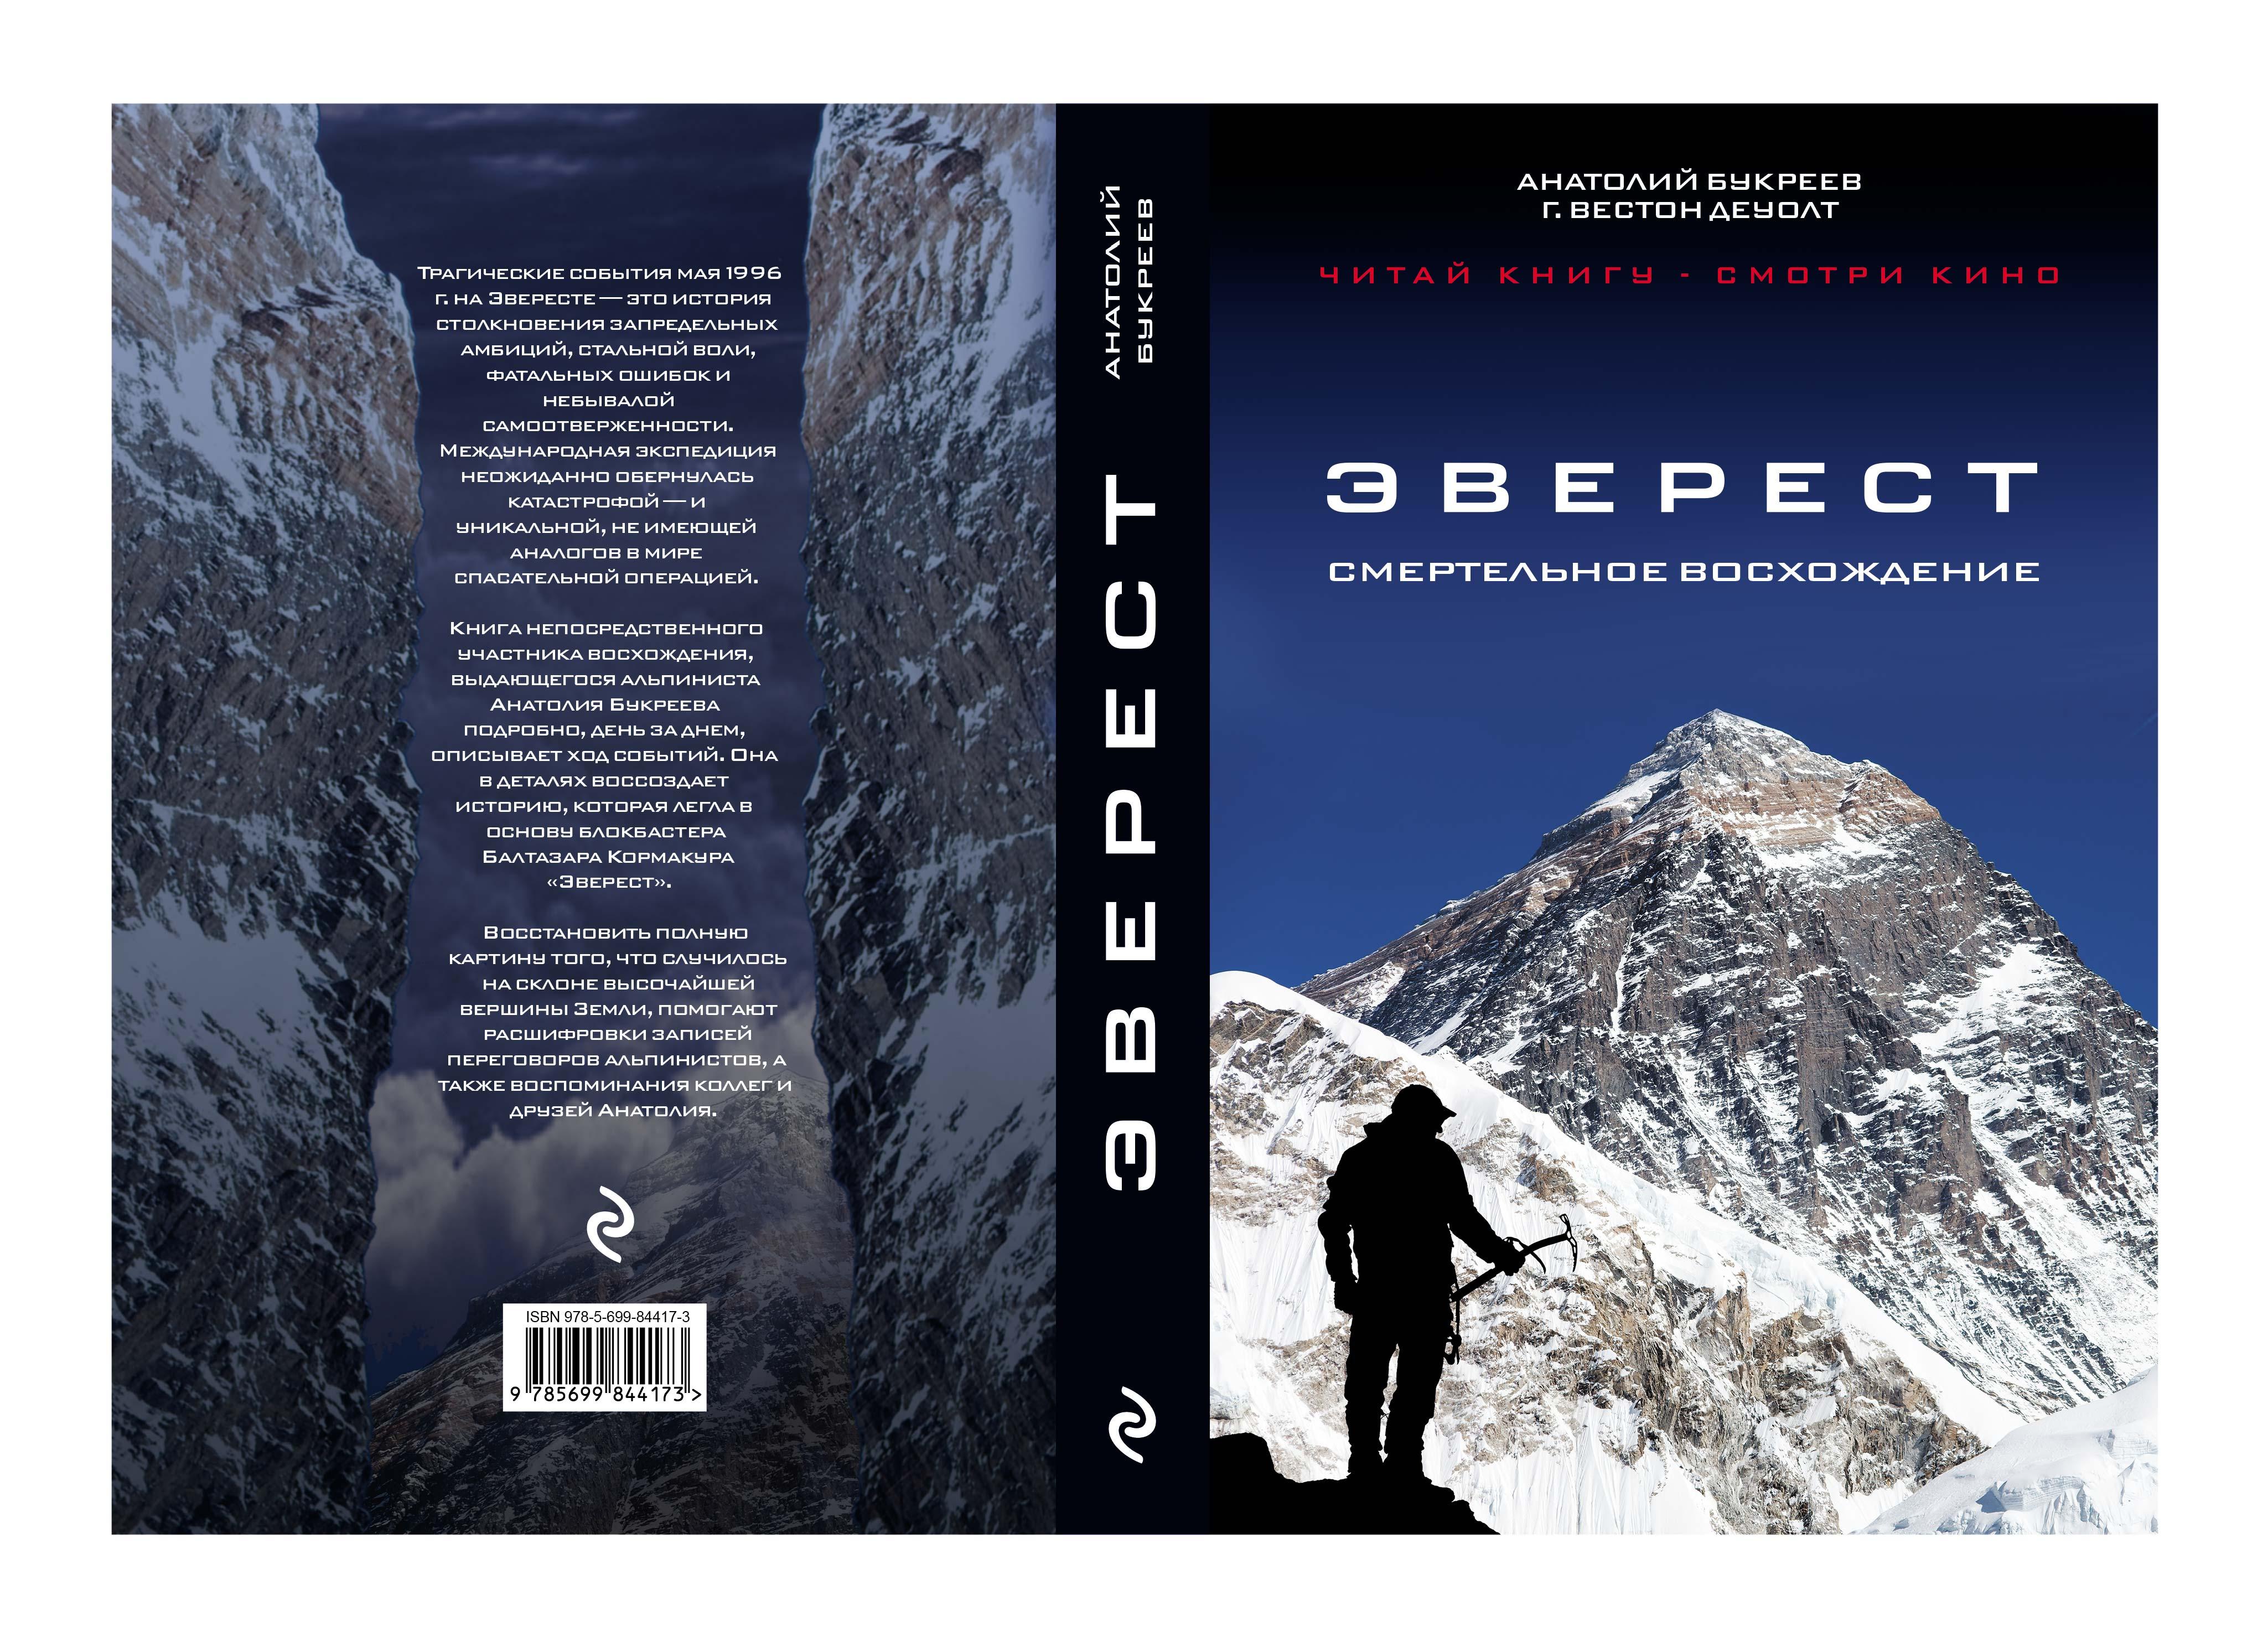 Скачать книгу эверест смертельной восхождение